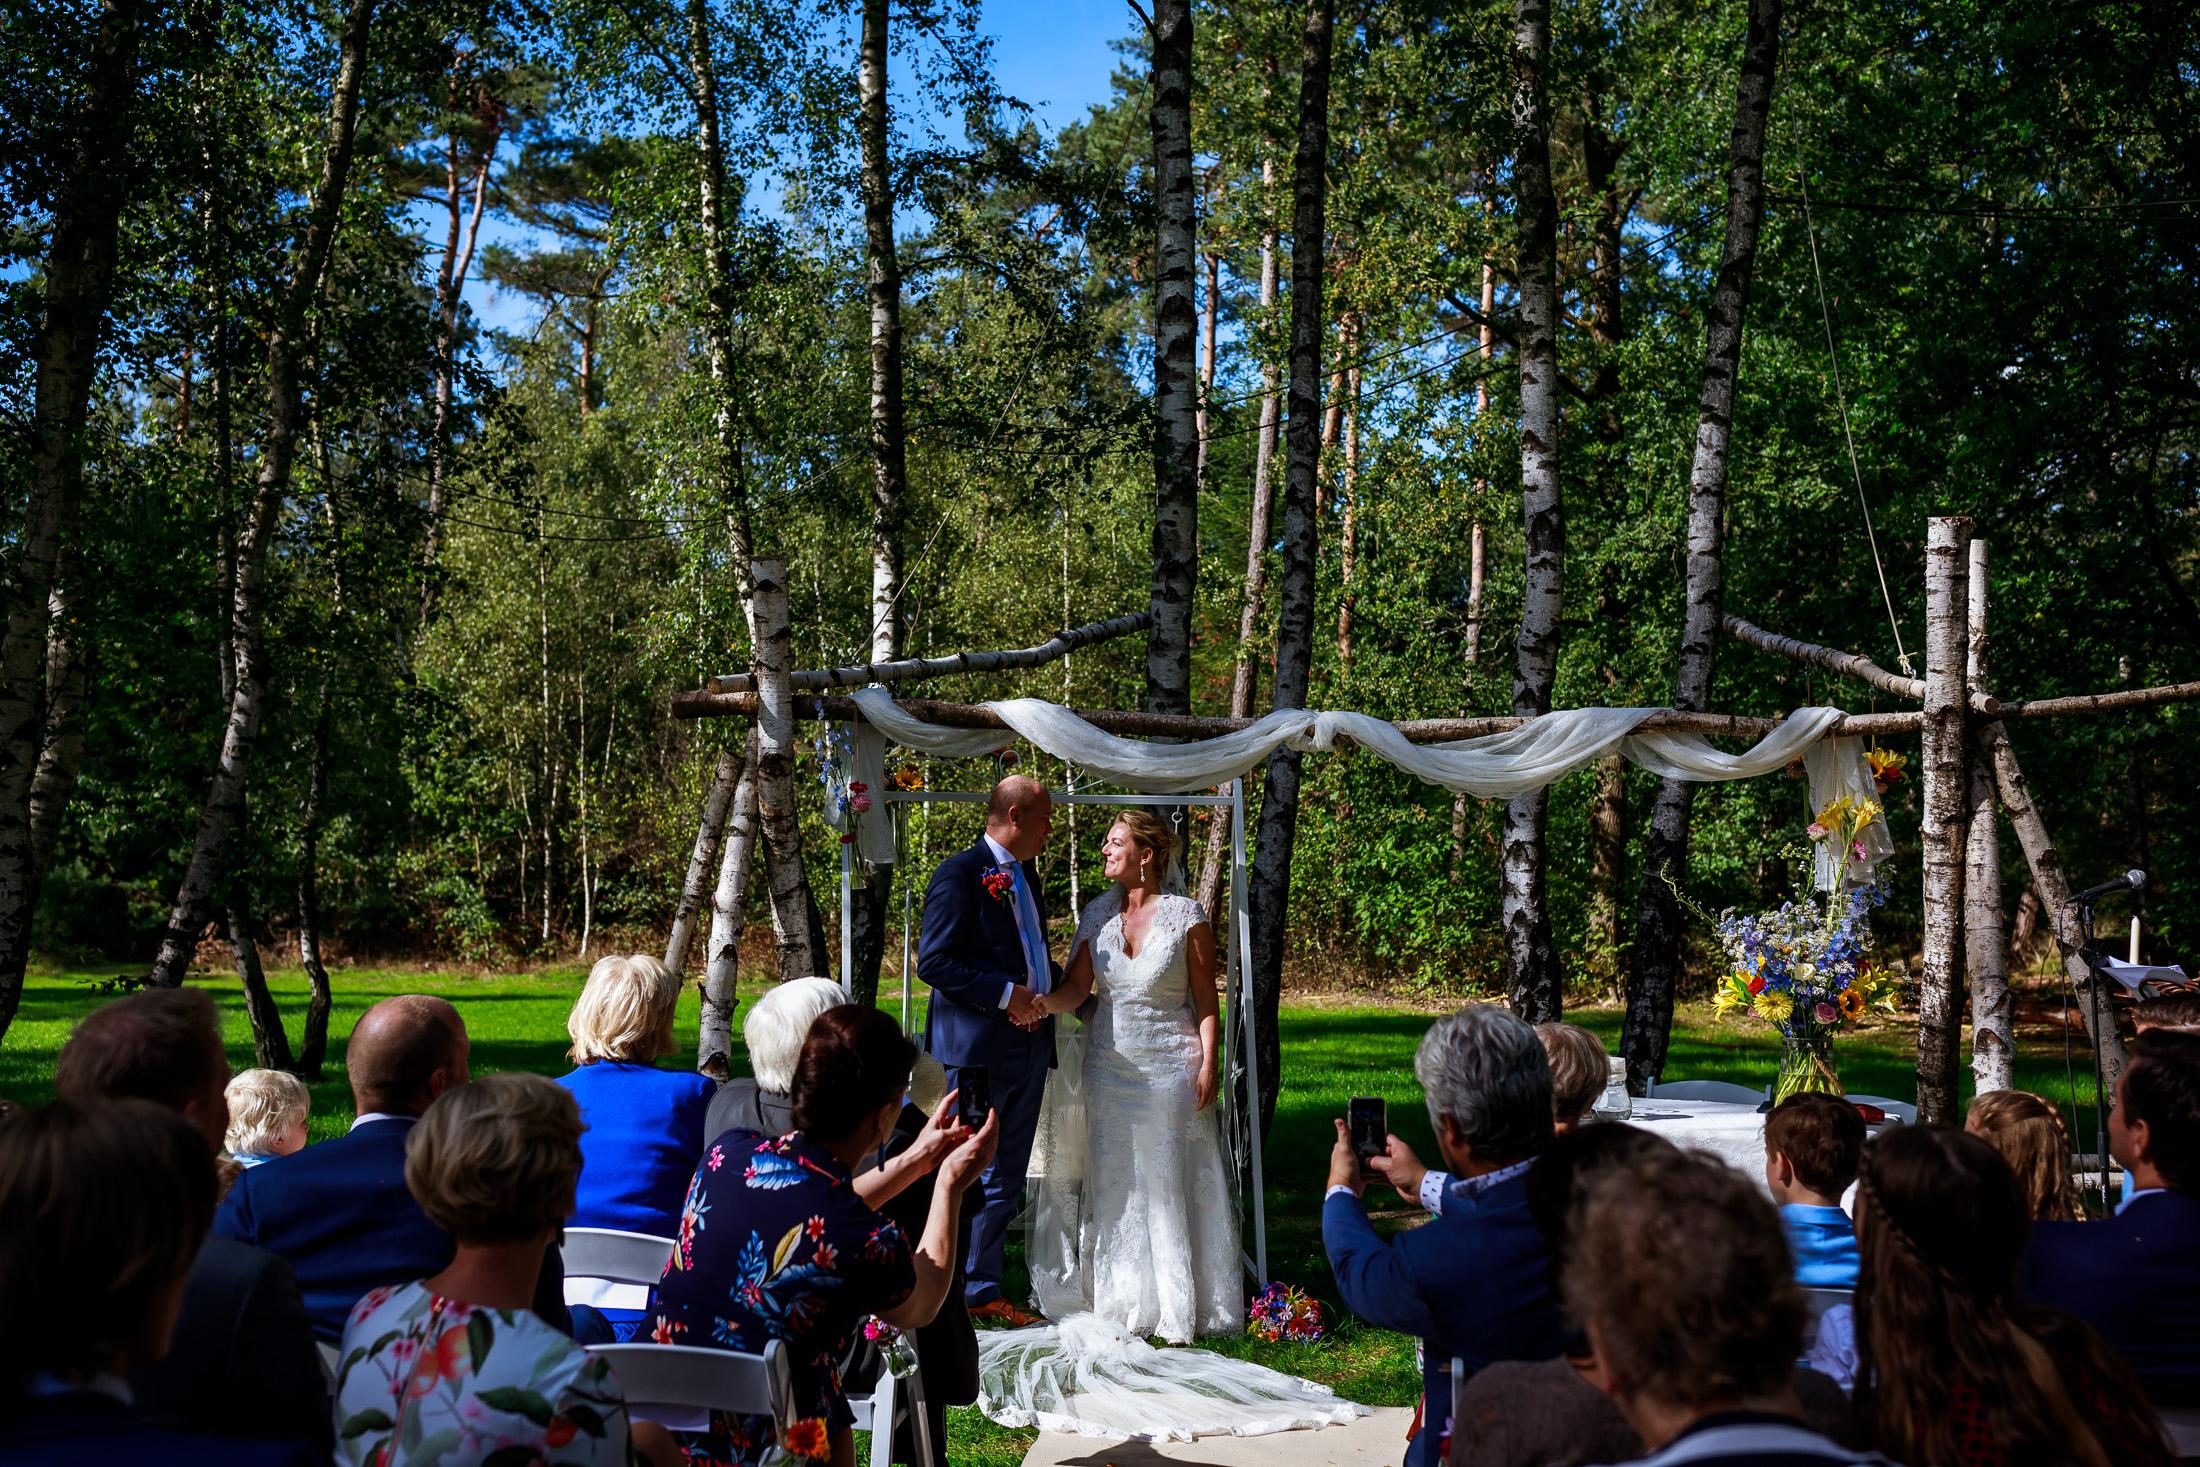 Mooiste trouwlocaties van Nederland | Trouwen bij Feel Good Tent Event | Trouwen in het bos | Trouwen in Lage Vuursche | Buiten trouwen| Buitenbruiloft